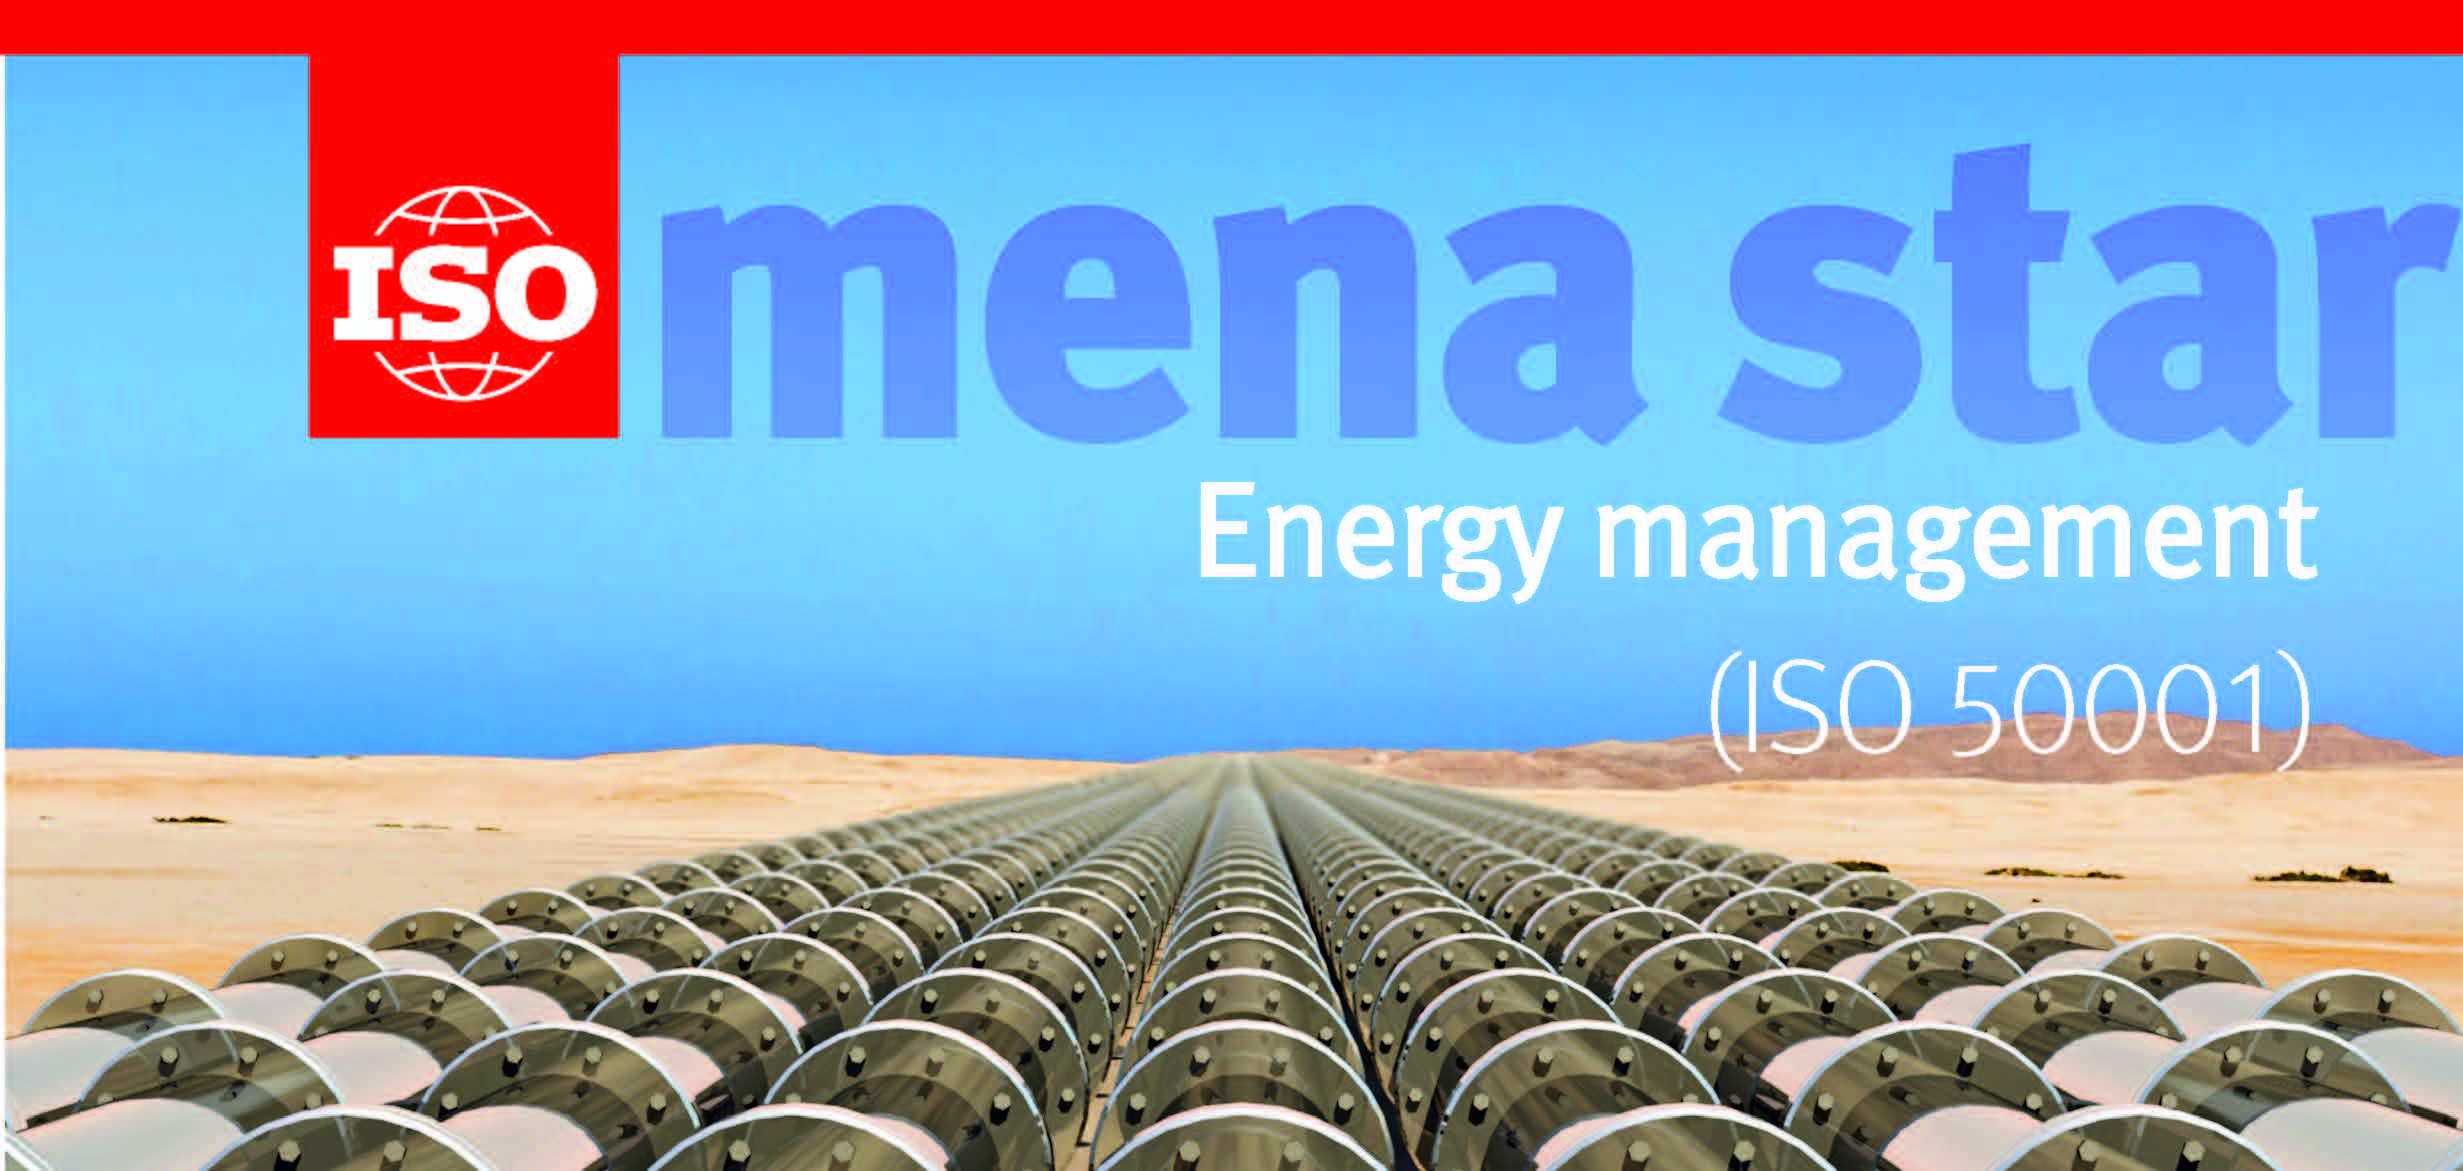 Séminaire national de sensibilisation ISO/INNORPI sur l'ISO 50001 management de l'énergie, Sousse, Tunisia, 3 October 2017